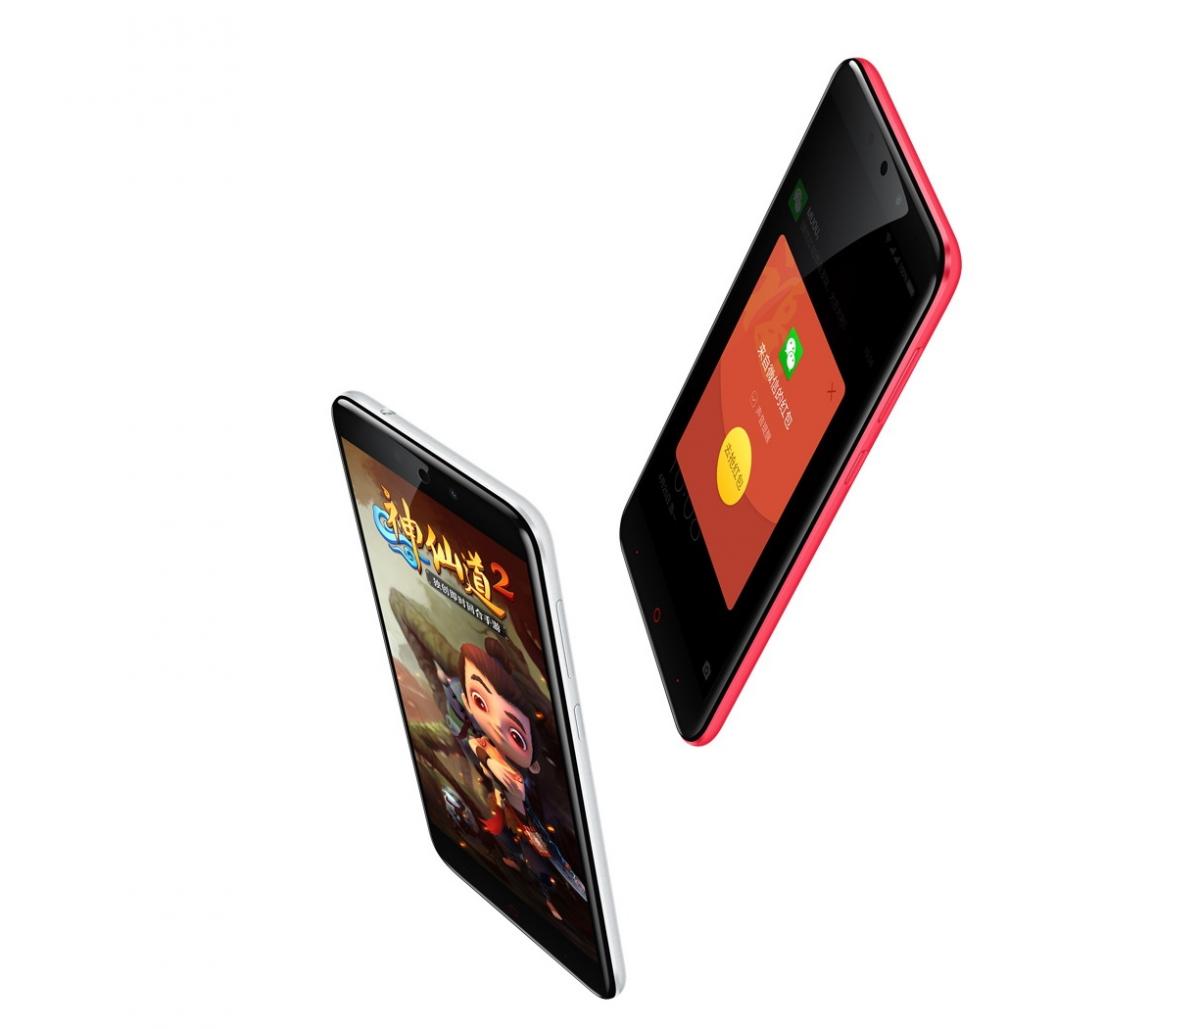 360 N4 Smartphone mit Helio X20 und 4GB RAM für $138 vorgestellt 5